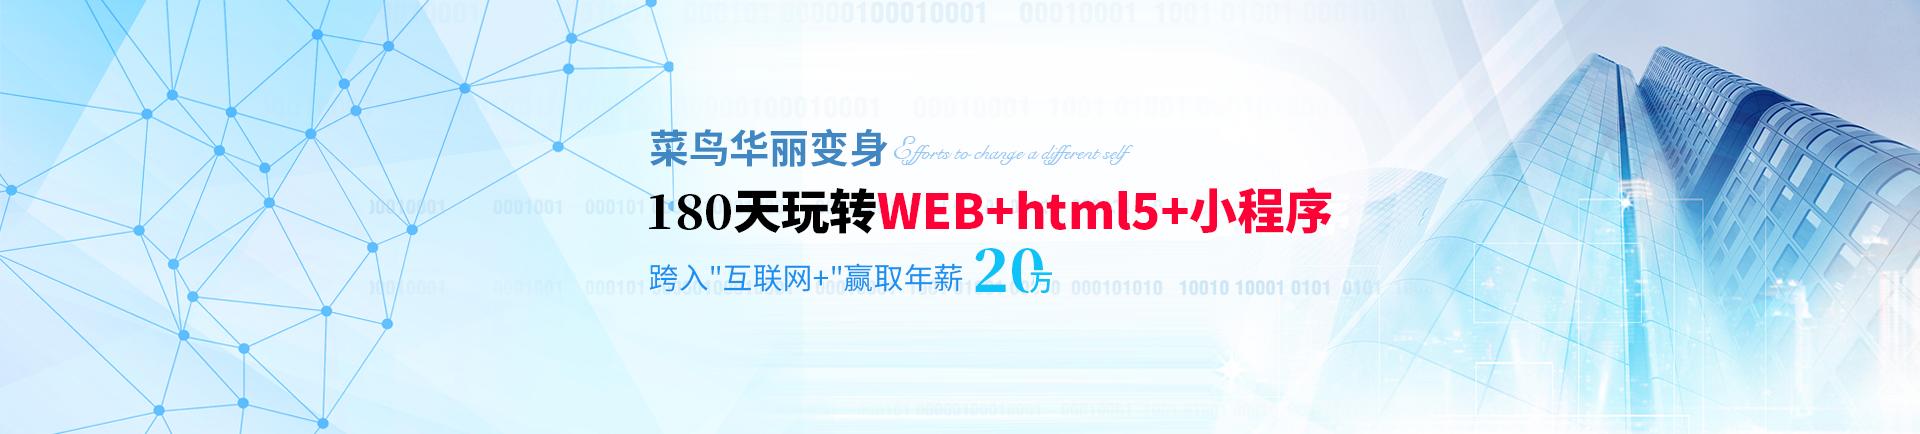 180天玩转WEB+html5+�程� 跨入互�网+赢�年薪20万-beijing